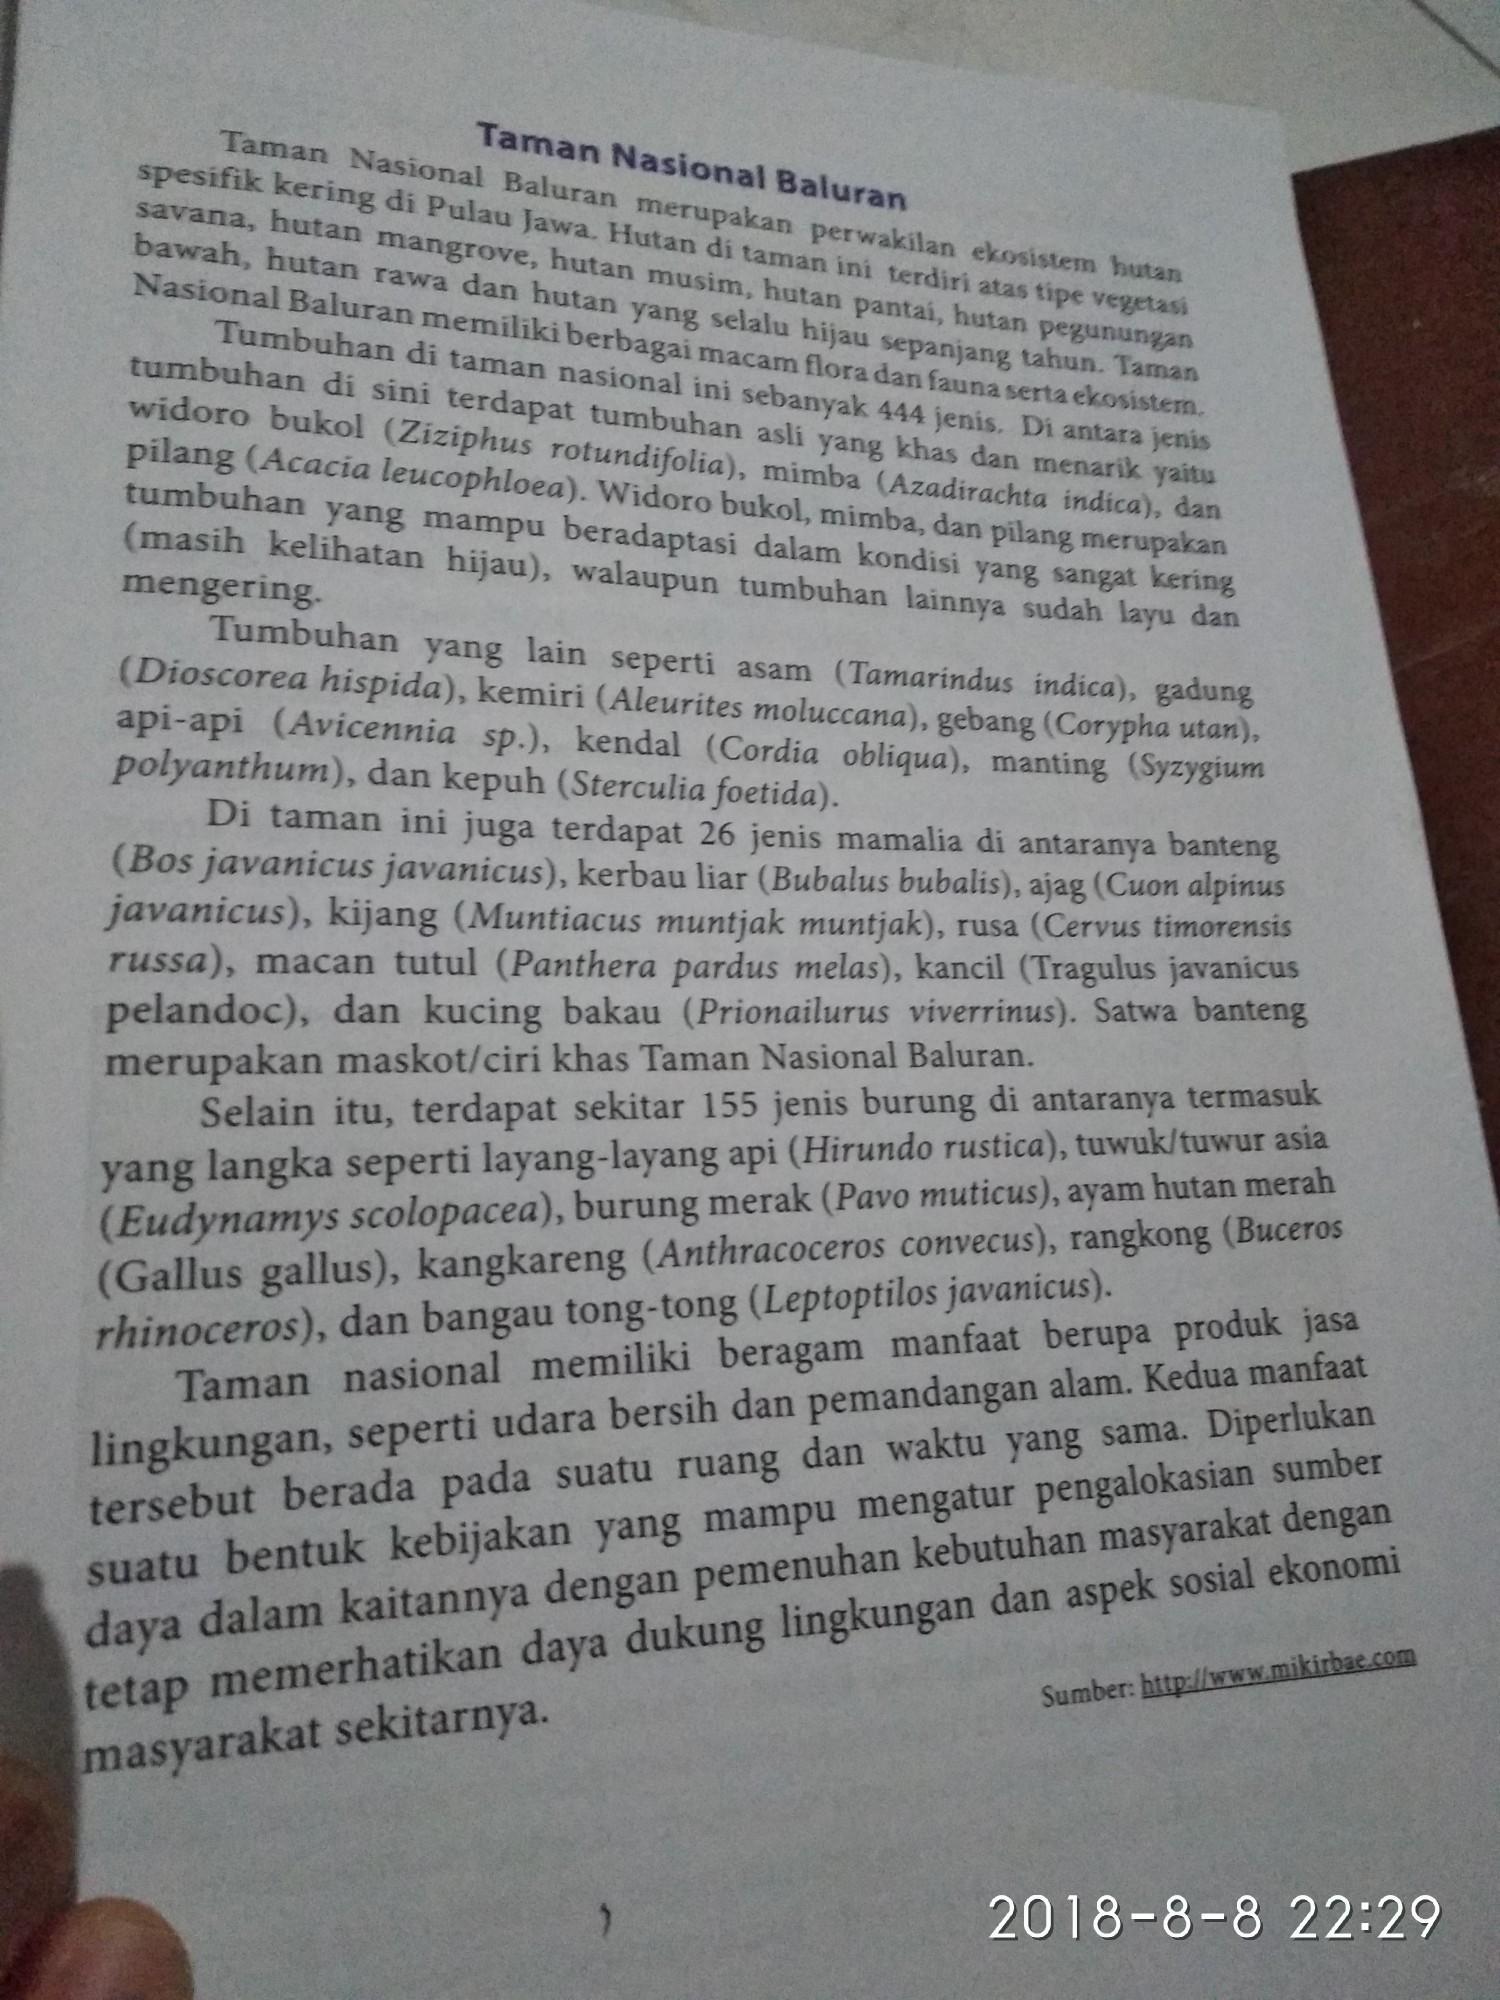 Taman Nasional Baluran Frasa Verba Atau Nomina Dari Teksjawab Dong